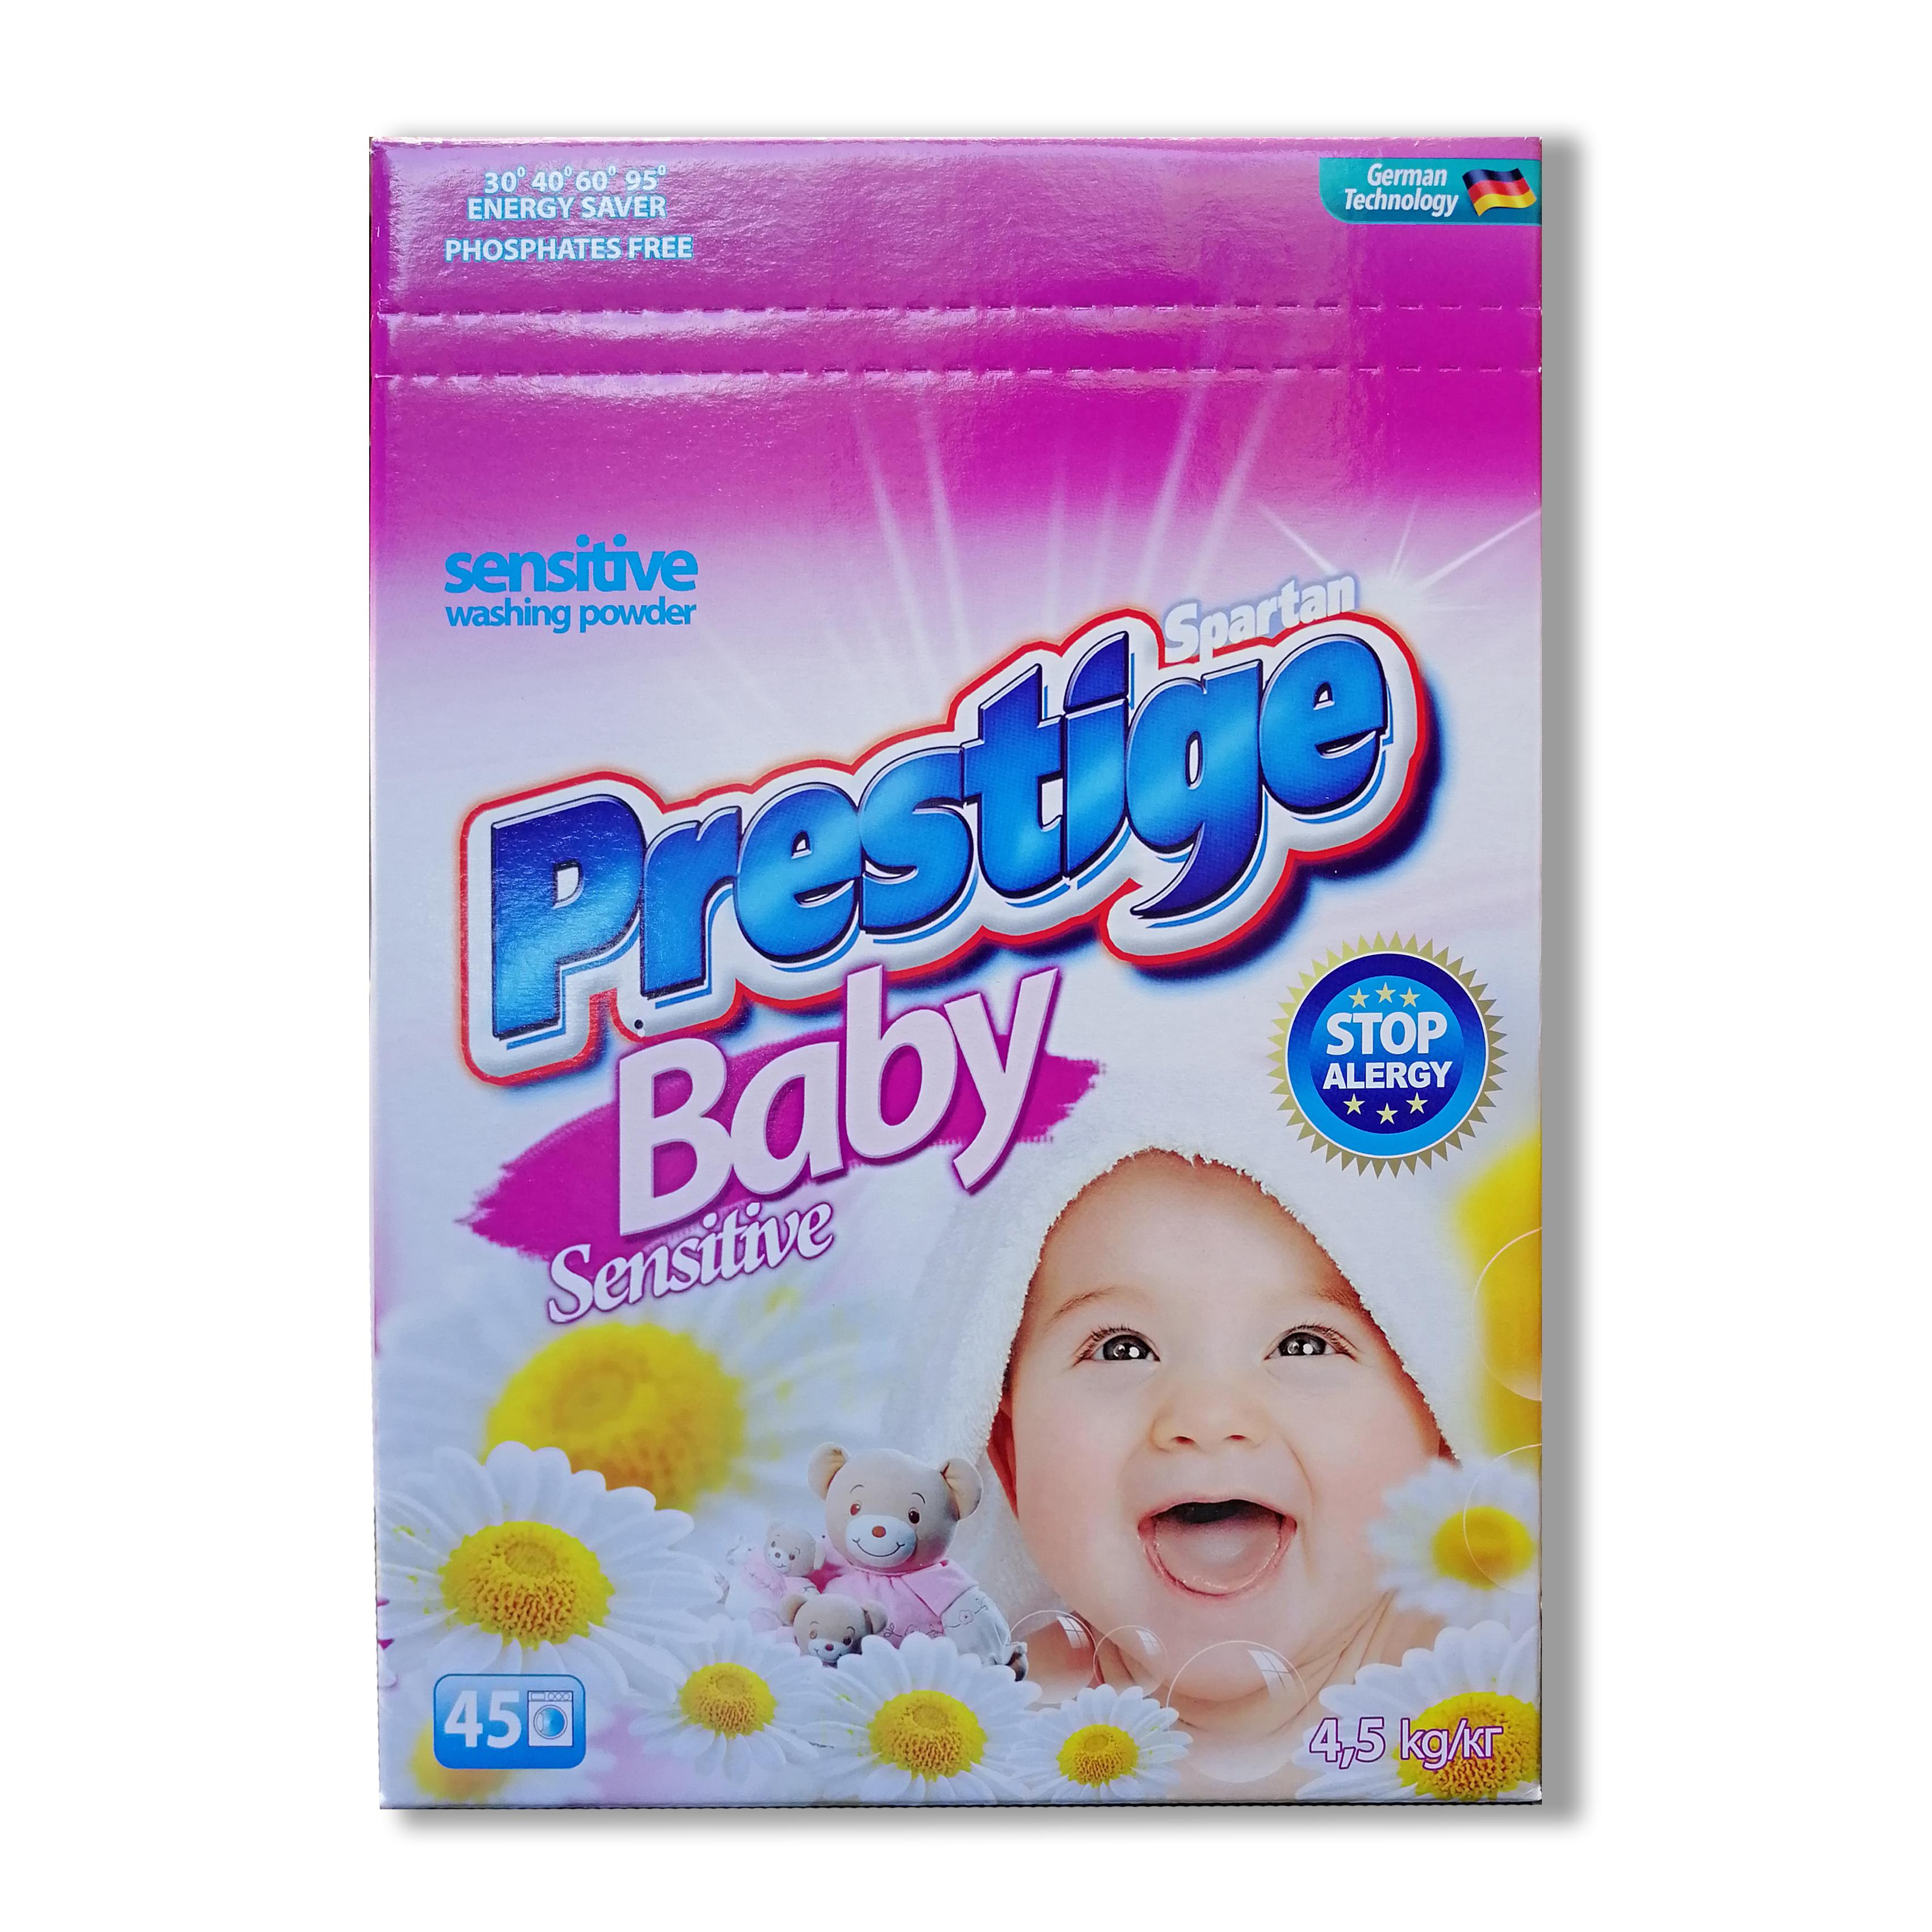 Пральний порошок для прання дитячих речей, дитячого одягу